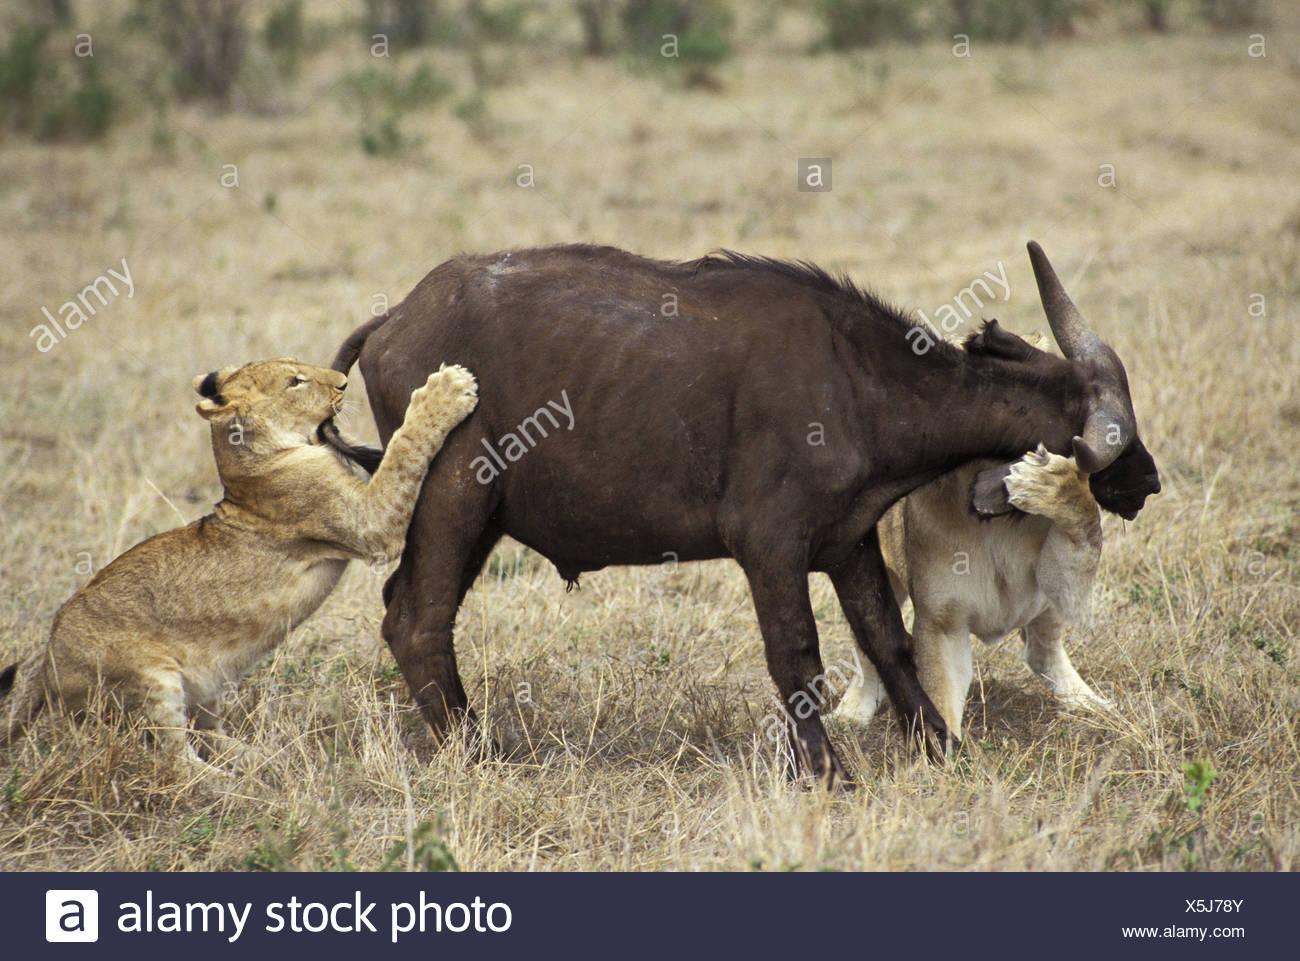 zoology / animals, mammal / mammalian, Felidae, Lion